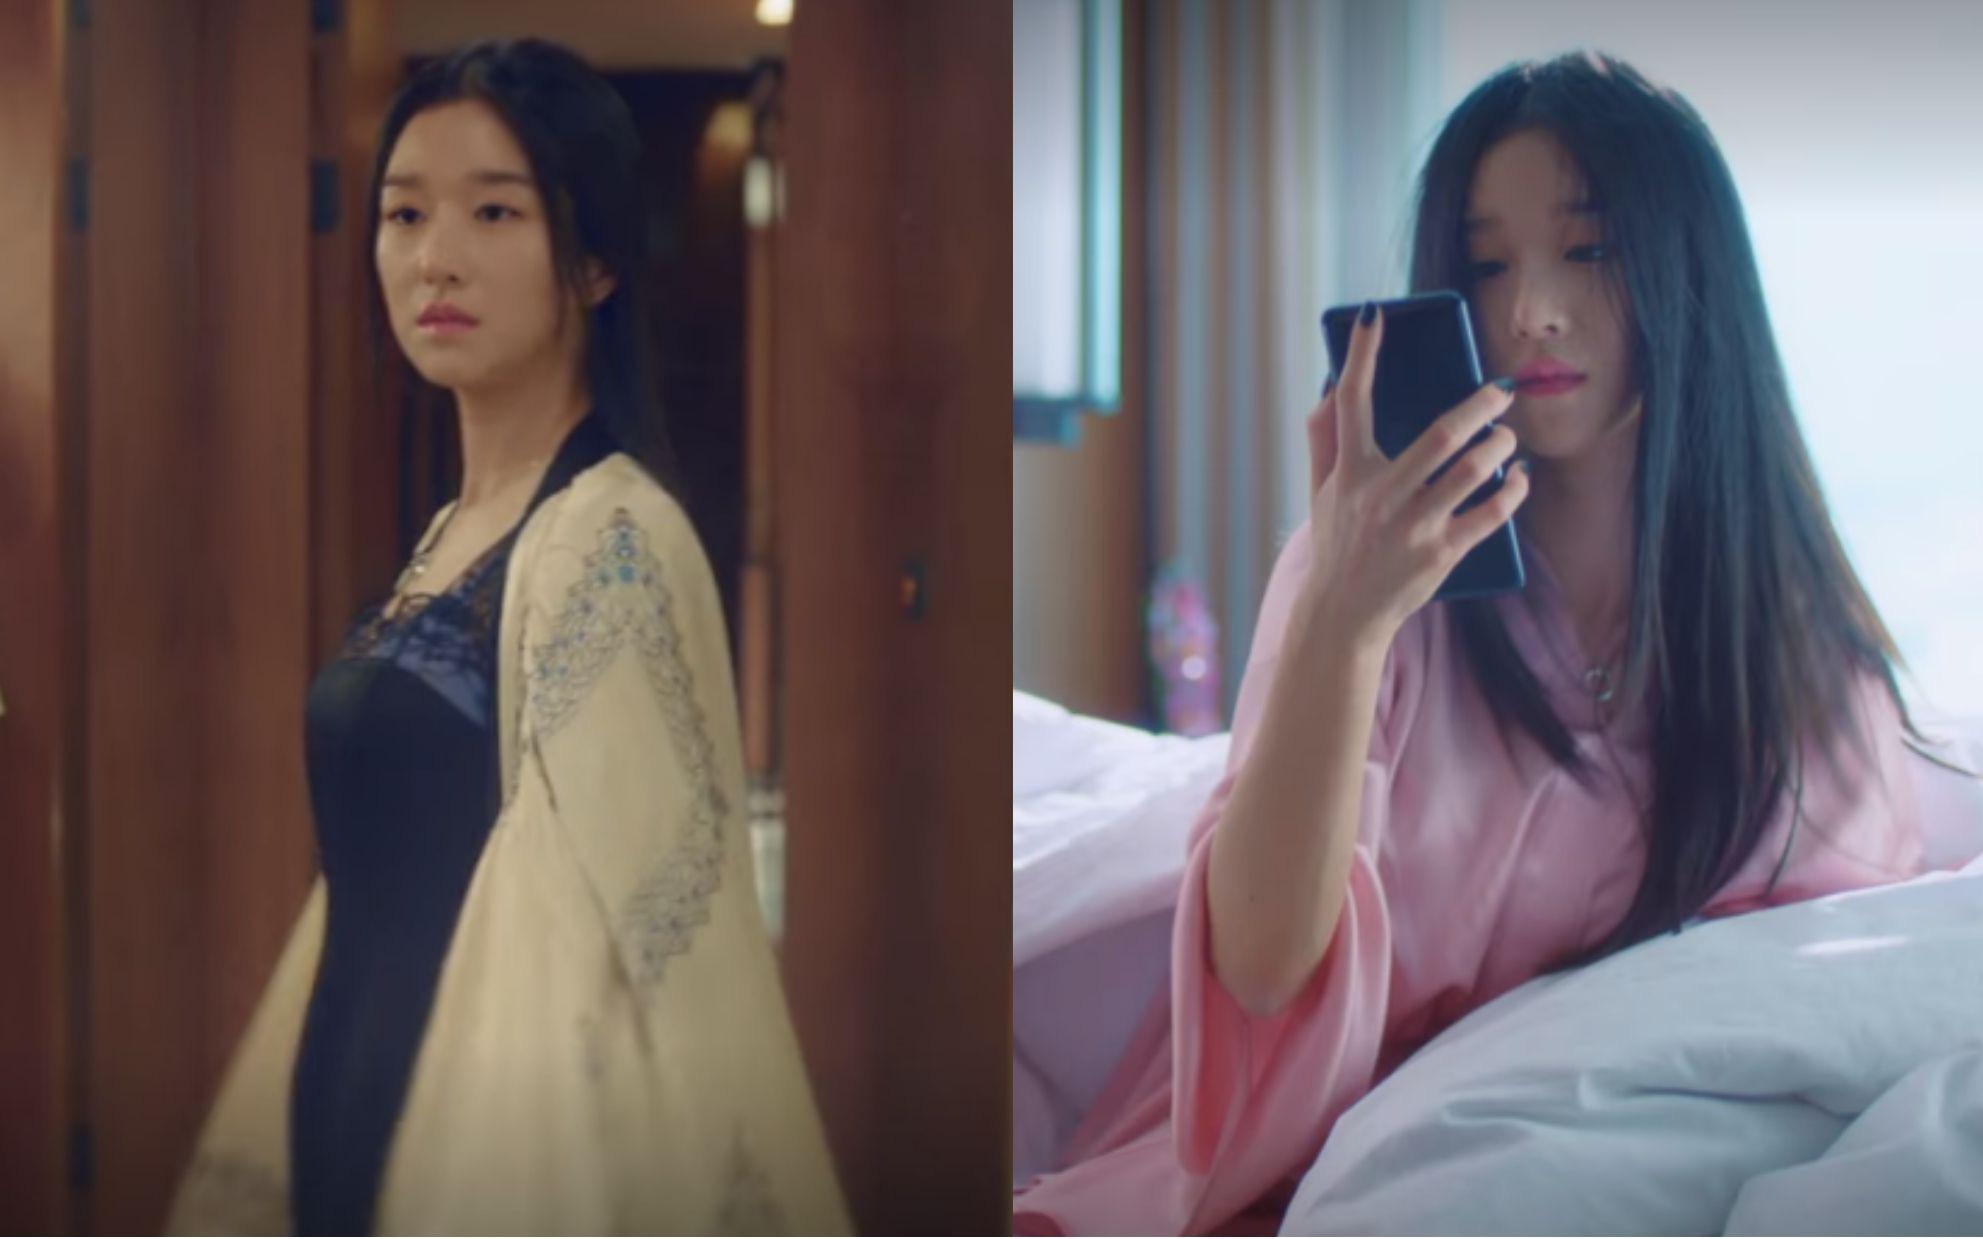 """Nhan sắc của Seo Ye Ji (Điên Thì Có Sao) """"thần thánh"""" quá: Diện đồ ngủ, trang điểm nhạt toẹt mà càng đẹp ngây dại"""